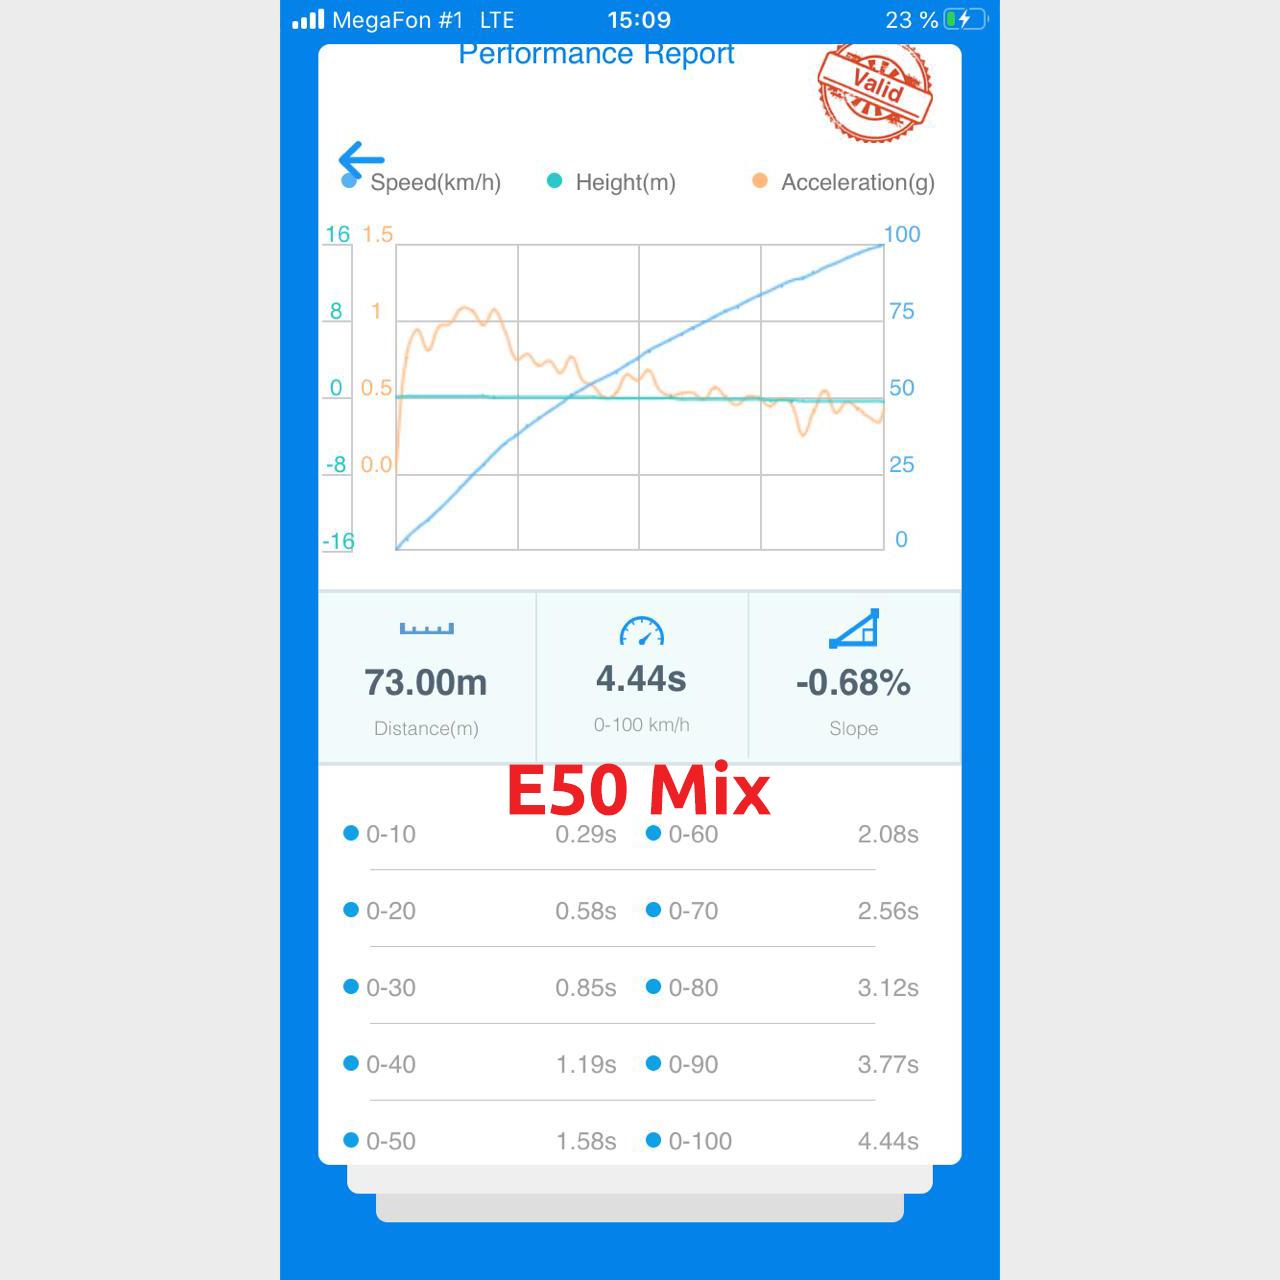 20200422_145749546_iOS.jpg